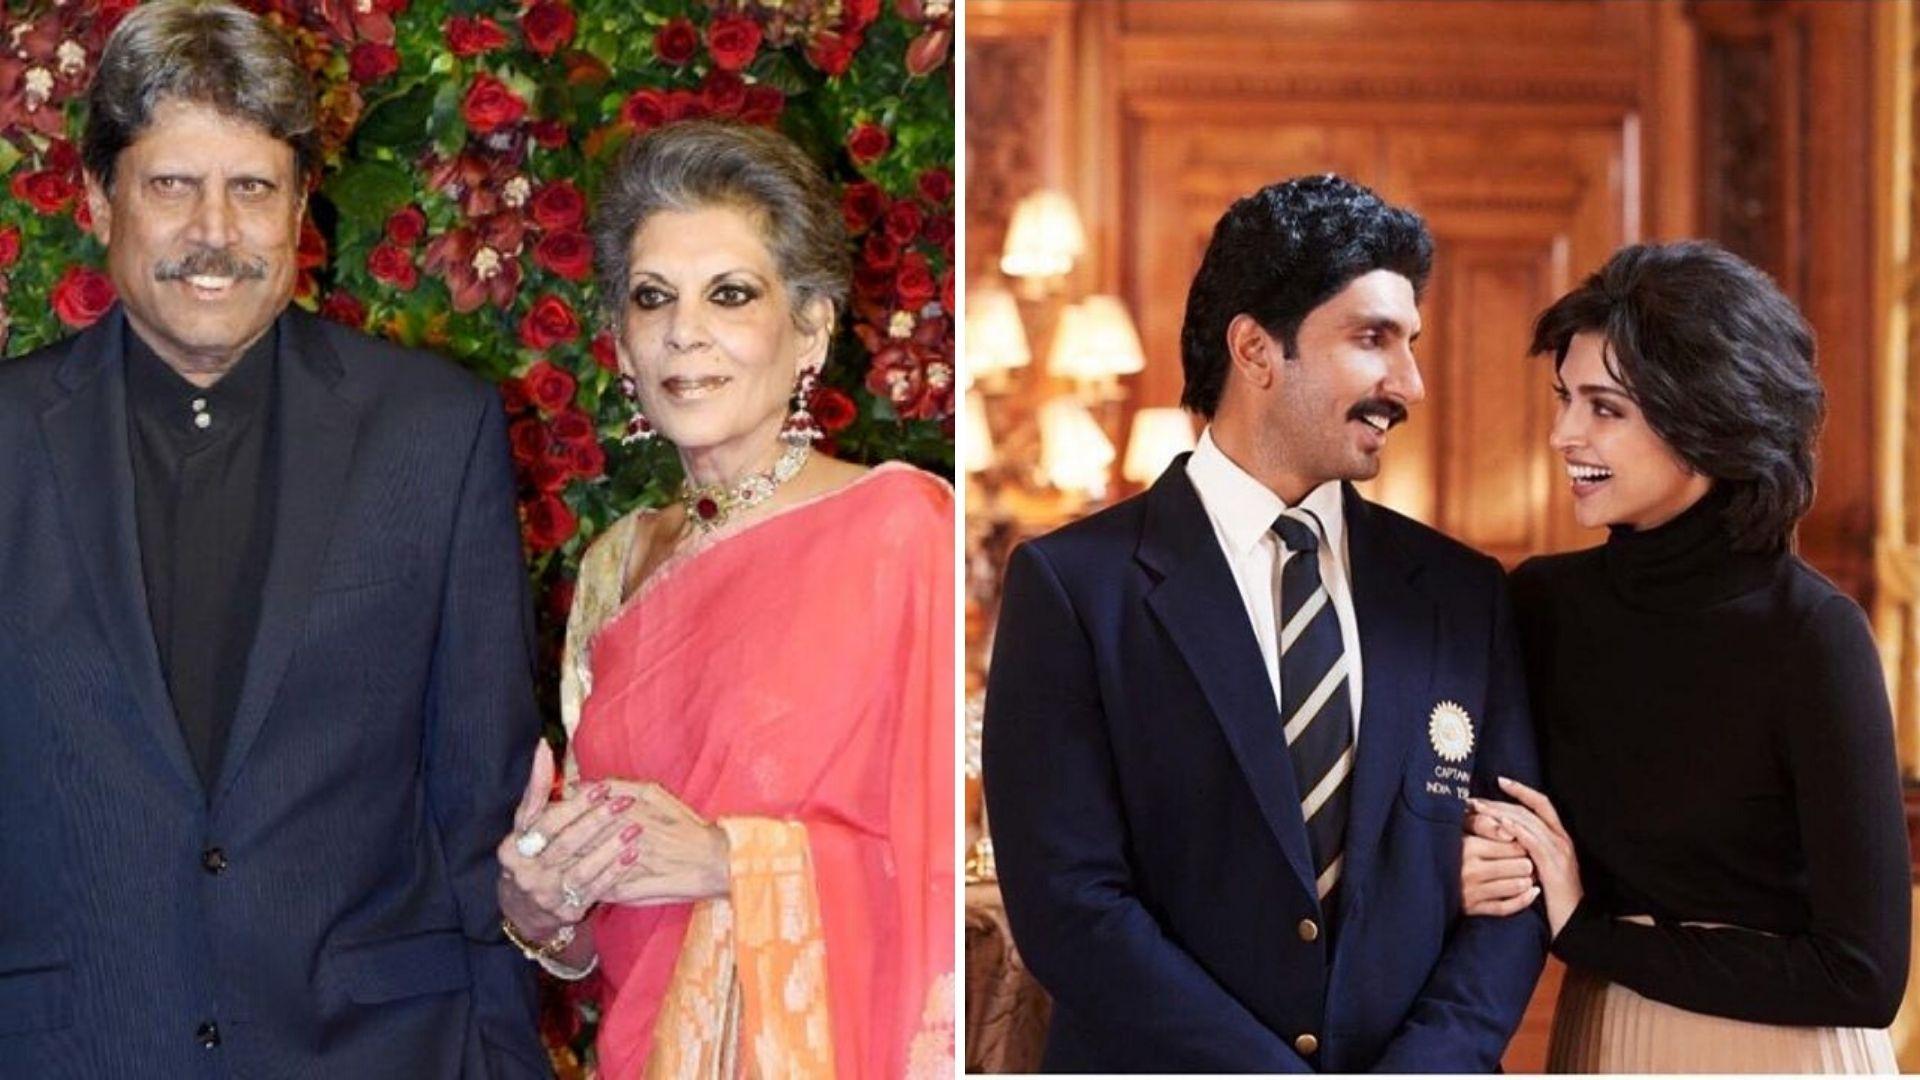 Wonderful to See Ranveer and Deepika Play Us: Romi Dev on '83'